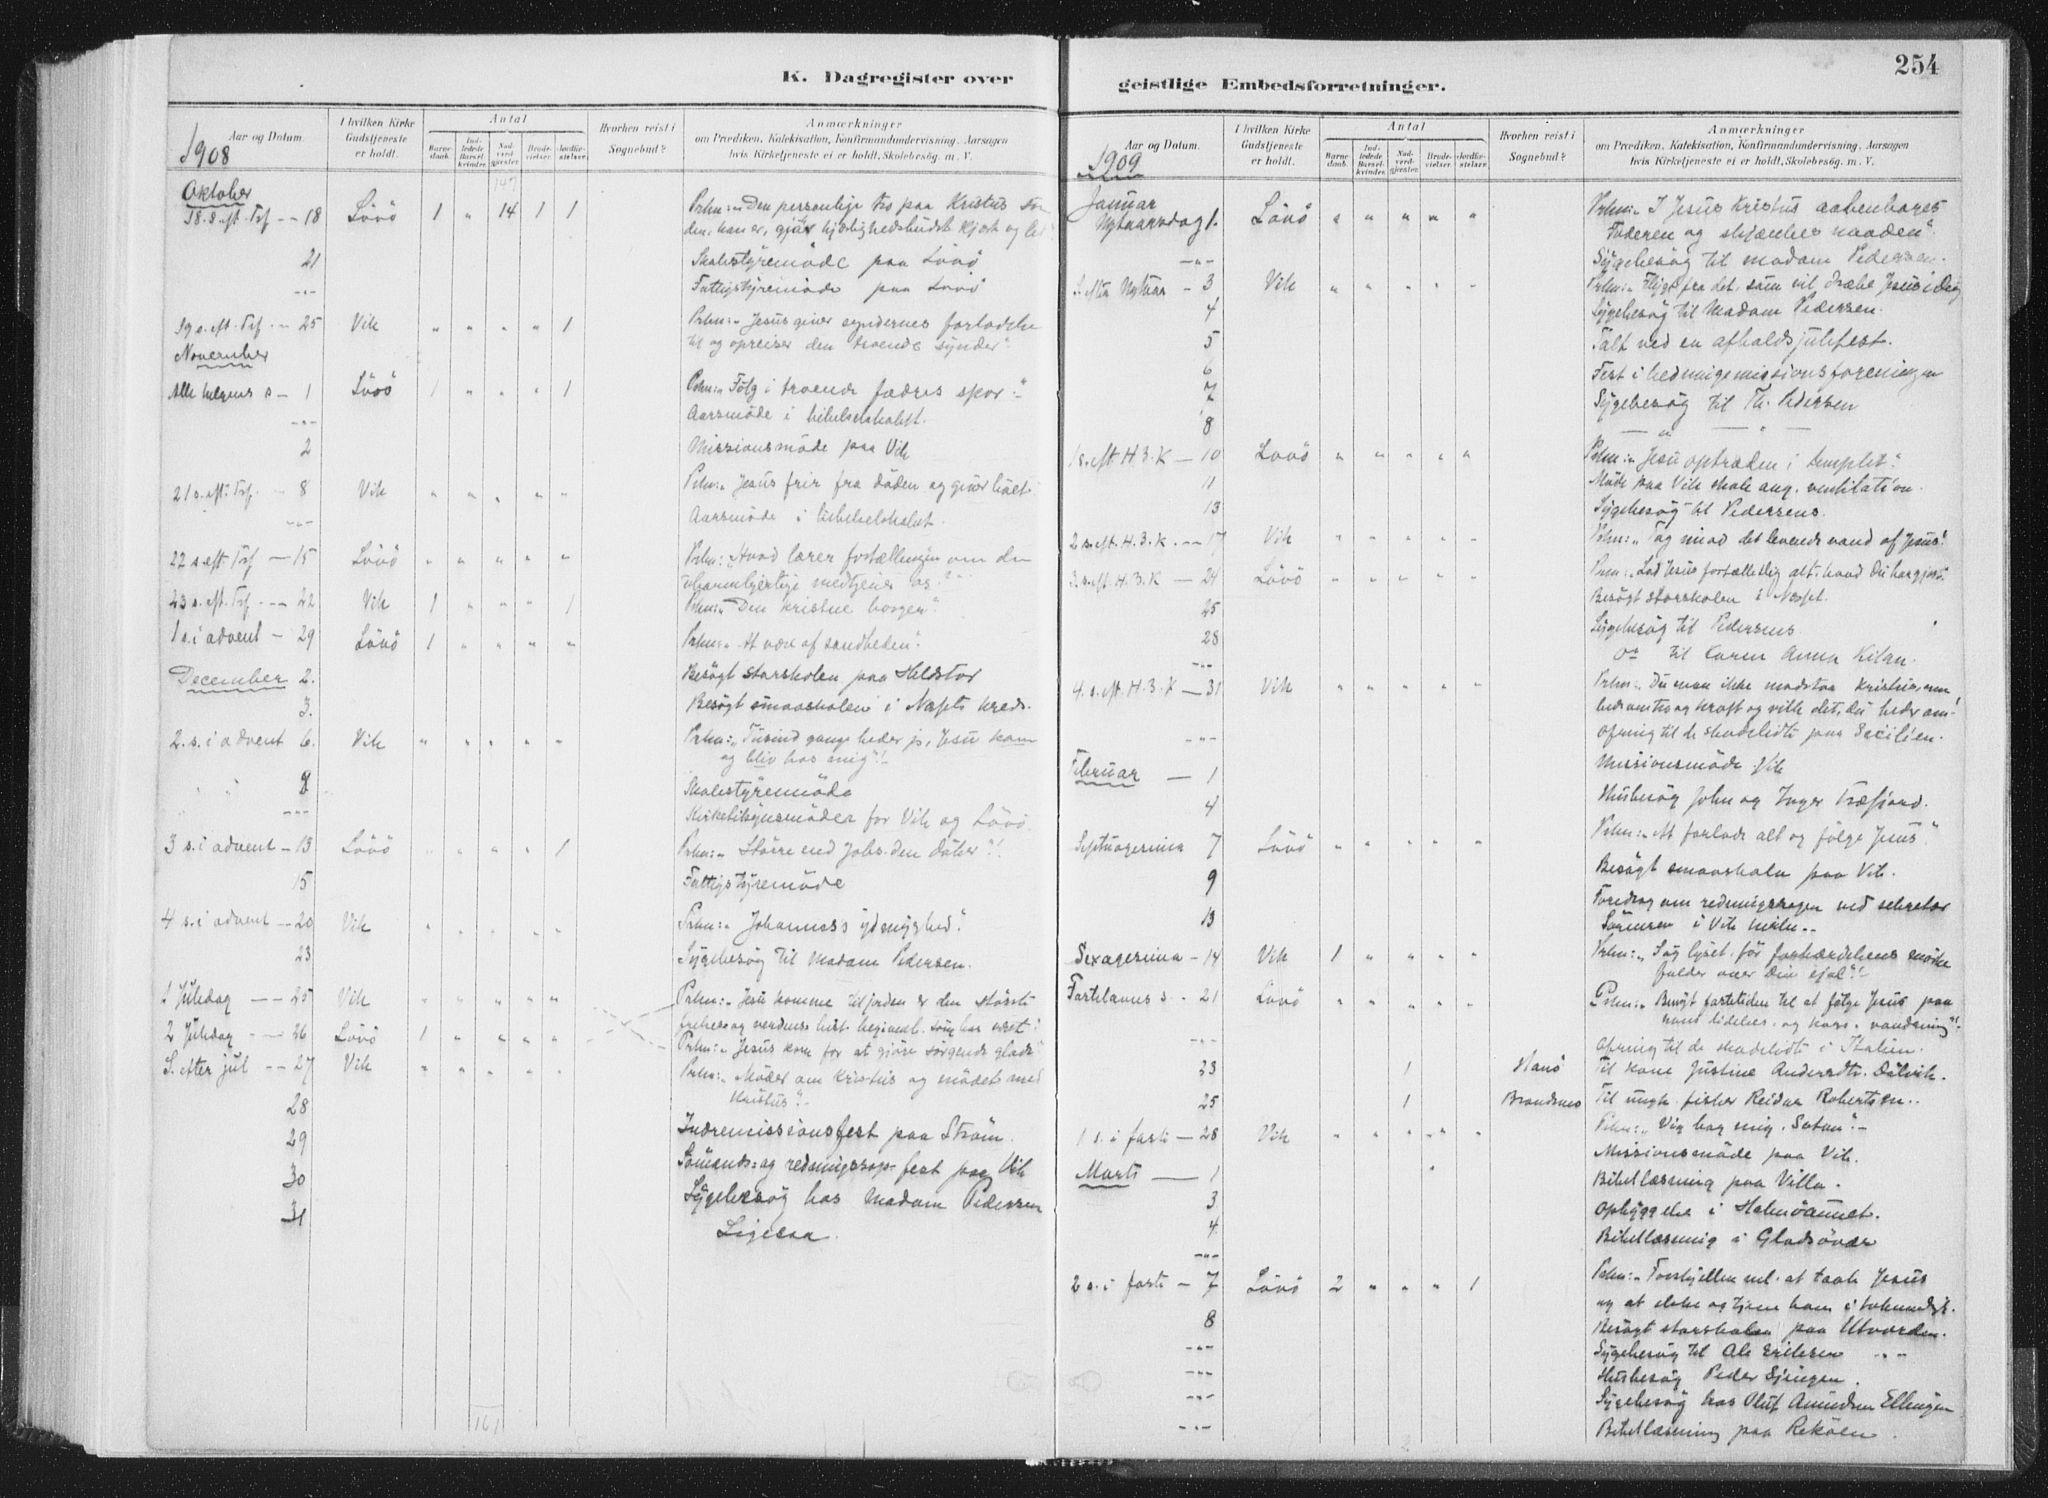 SAT, Ministerialprotokoller, klokkerbøker og fødselsregistre - Nord-Trøndelag, 771/L0597: Ministerialbok nr. 771A04, 1885-1910, s. 254